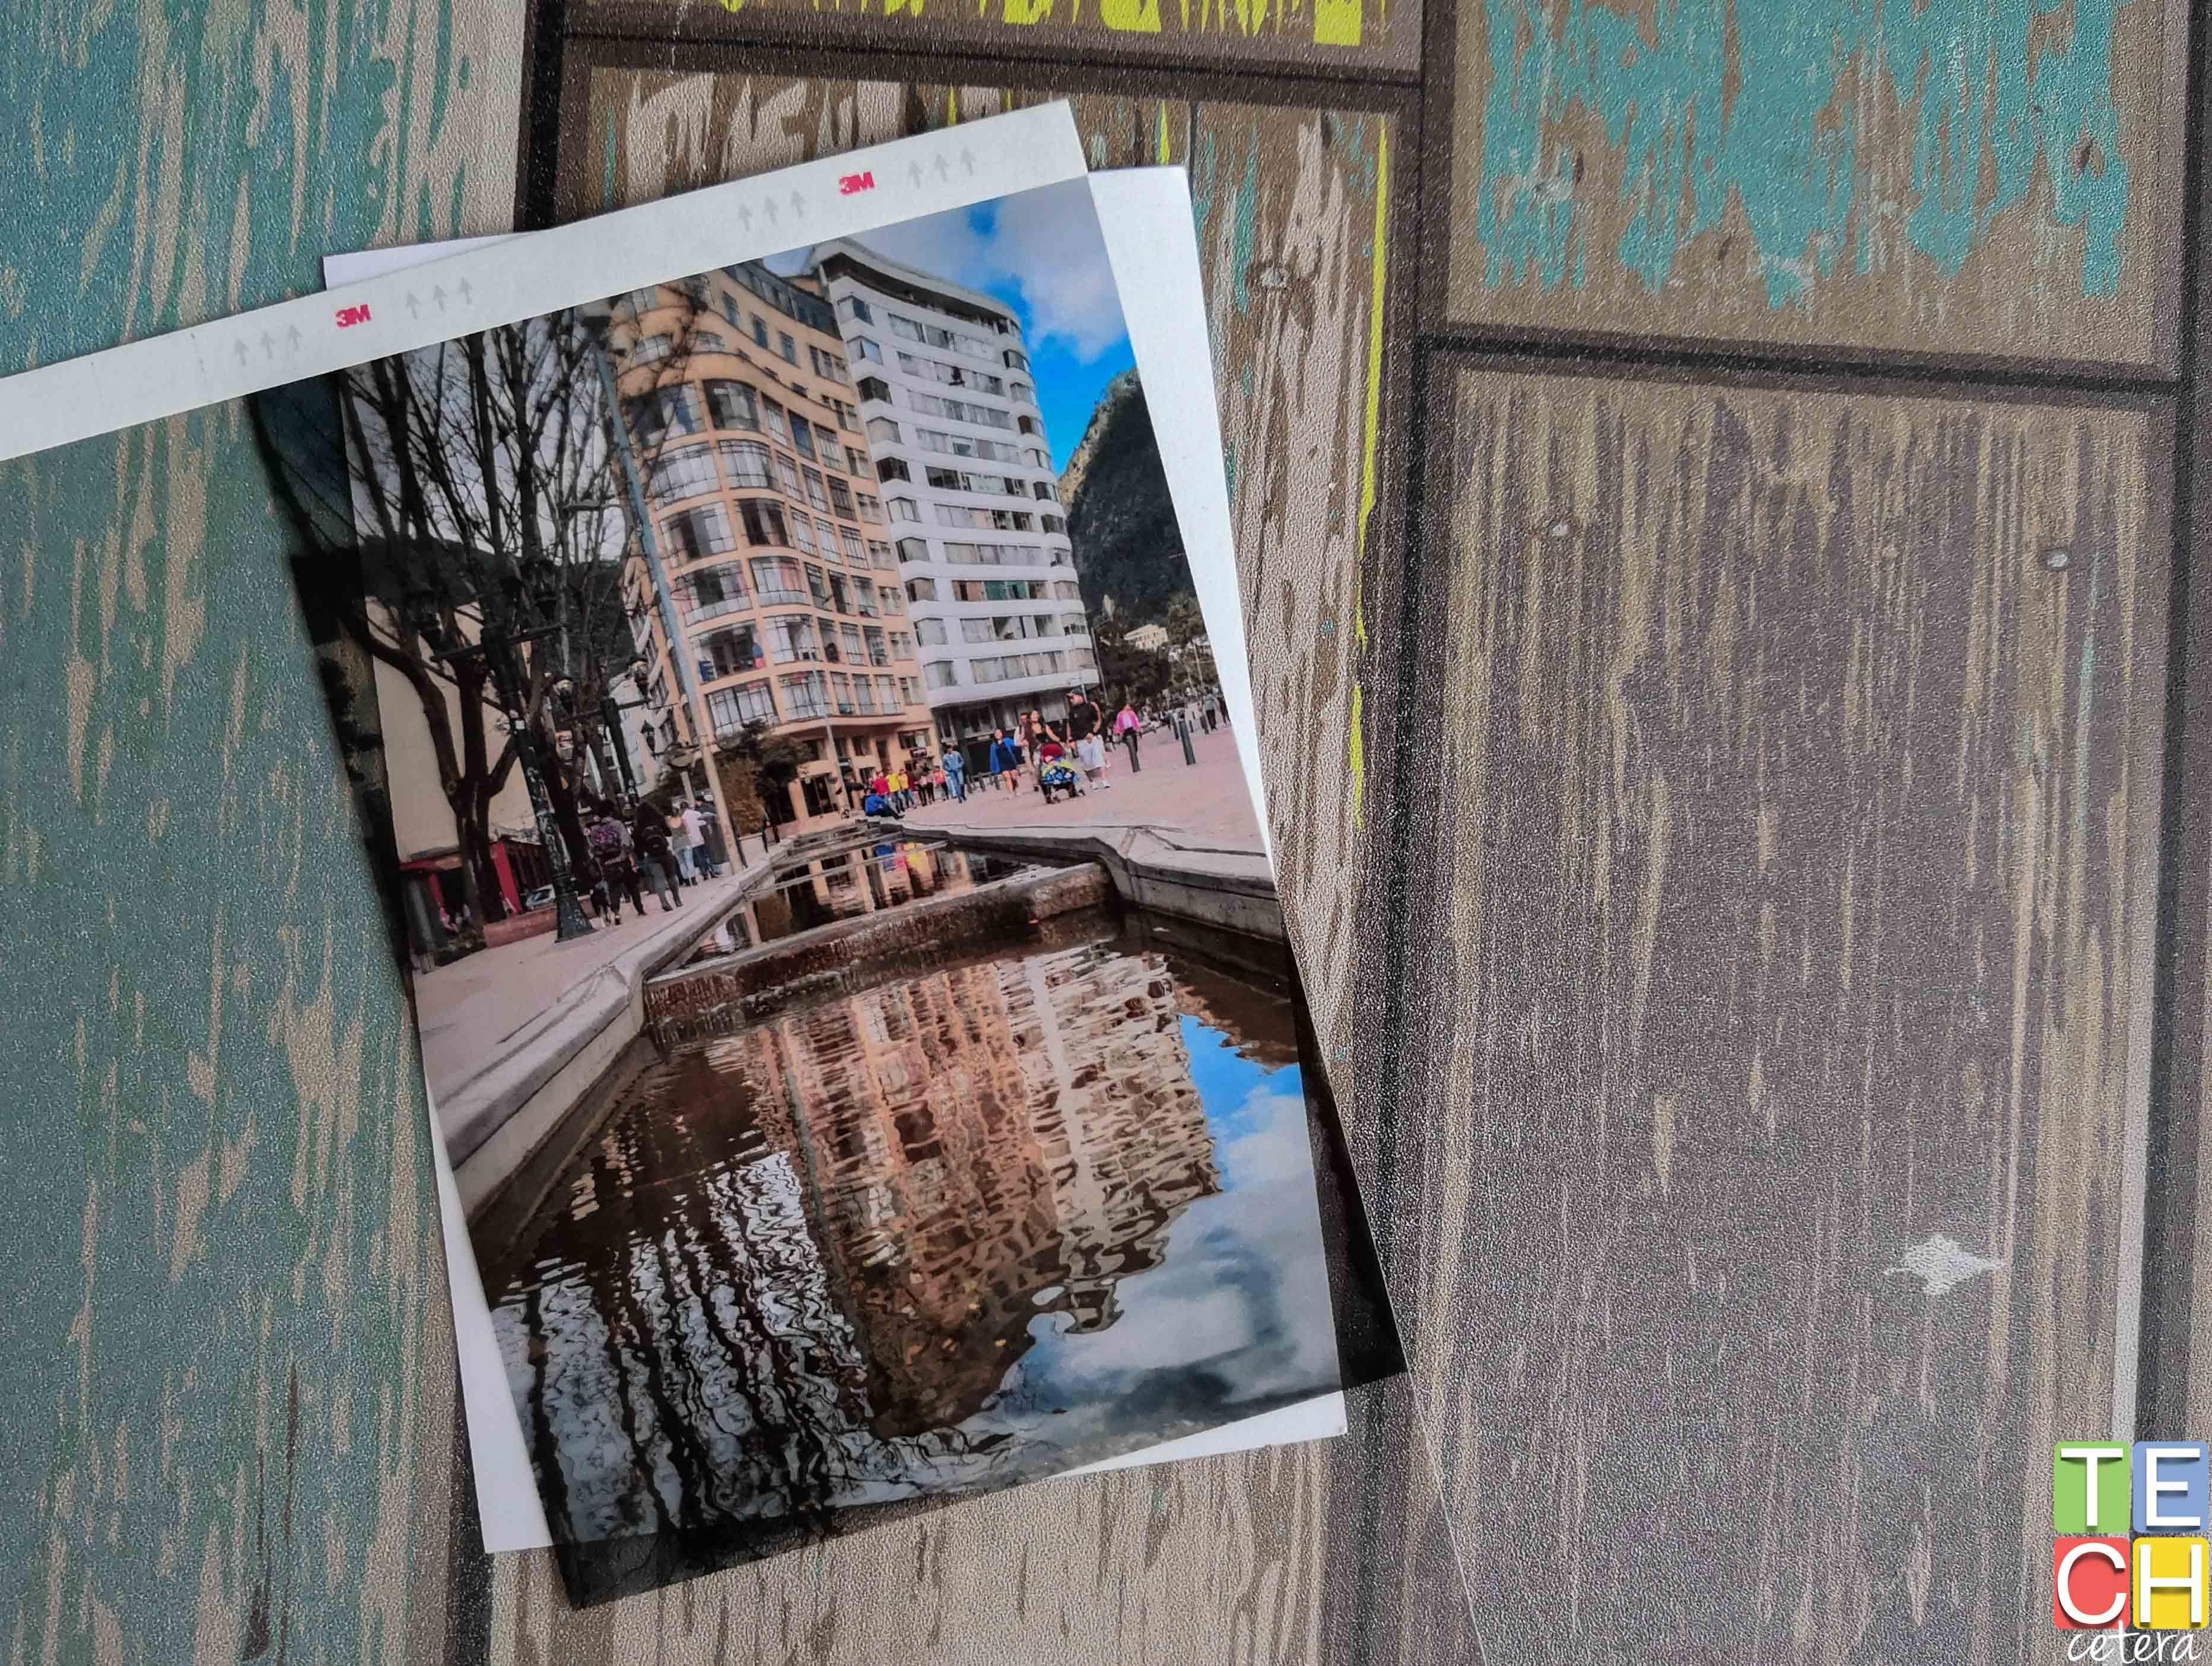 Foto impresa de la avenida Jiménez en alta calidad